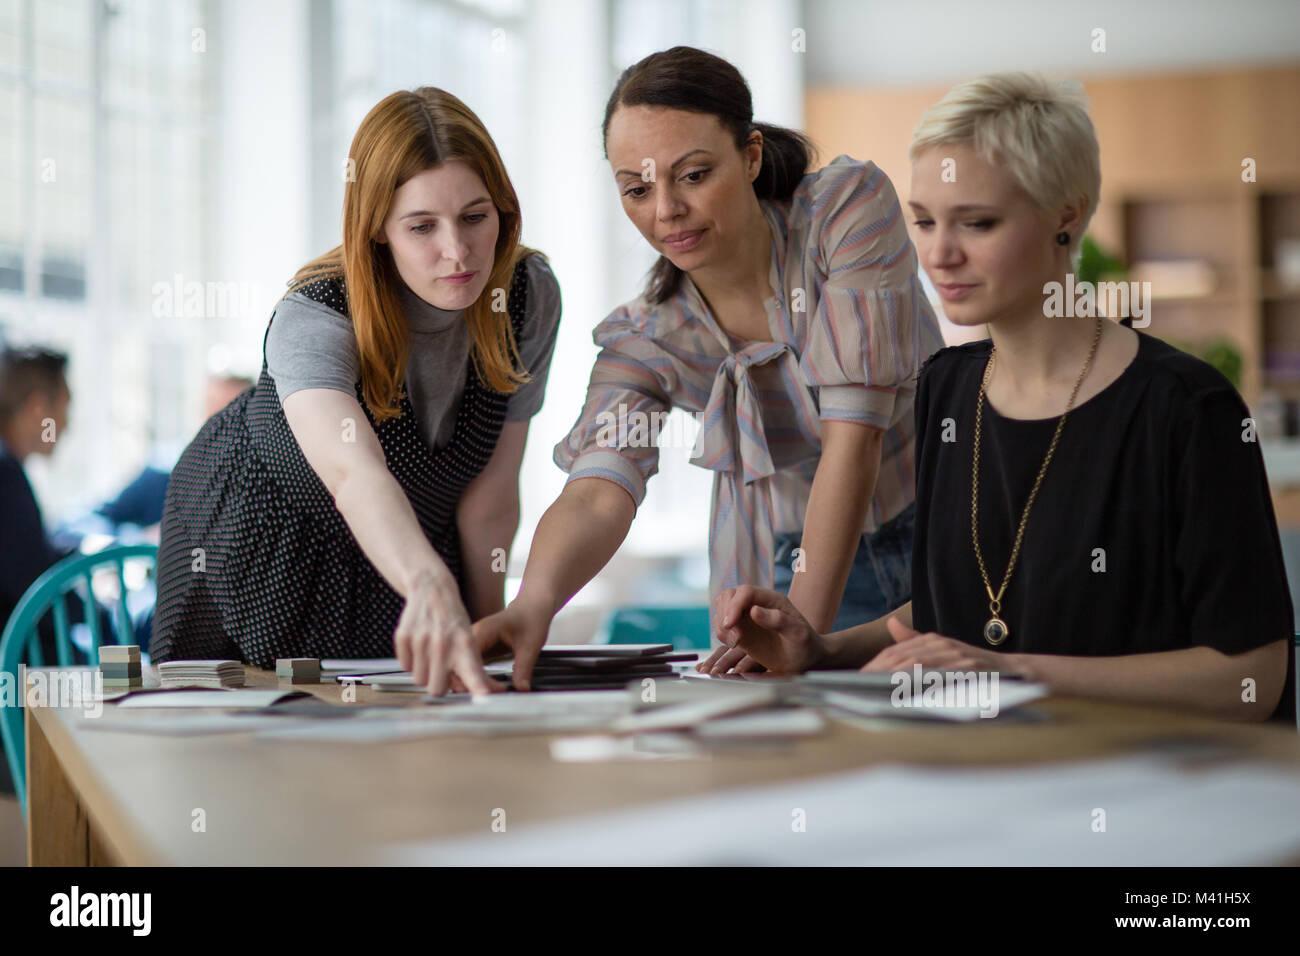 Compañeros de trabajo femenino en un proyecto Imagen De Stock